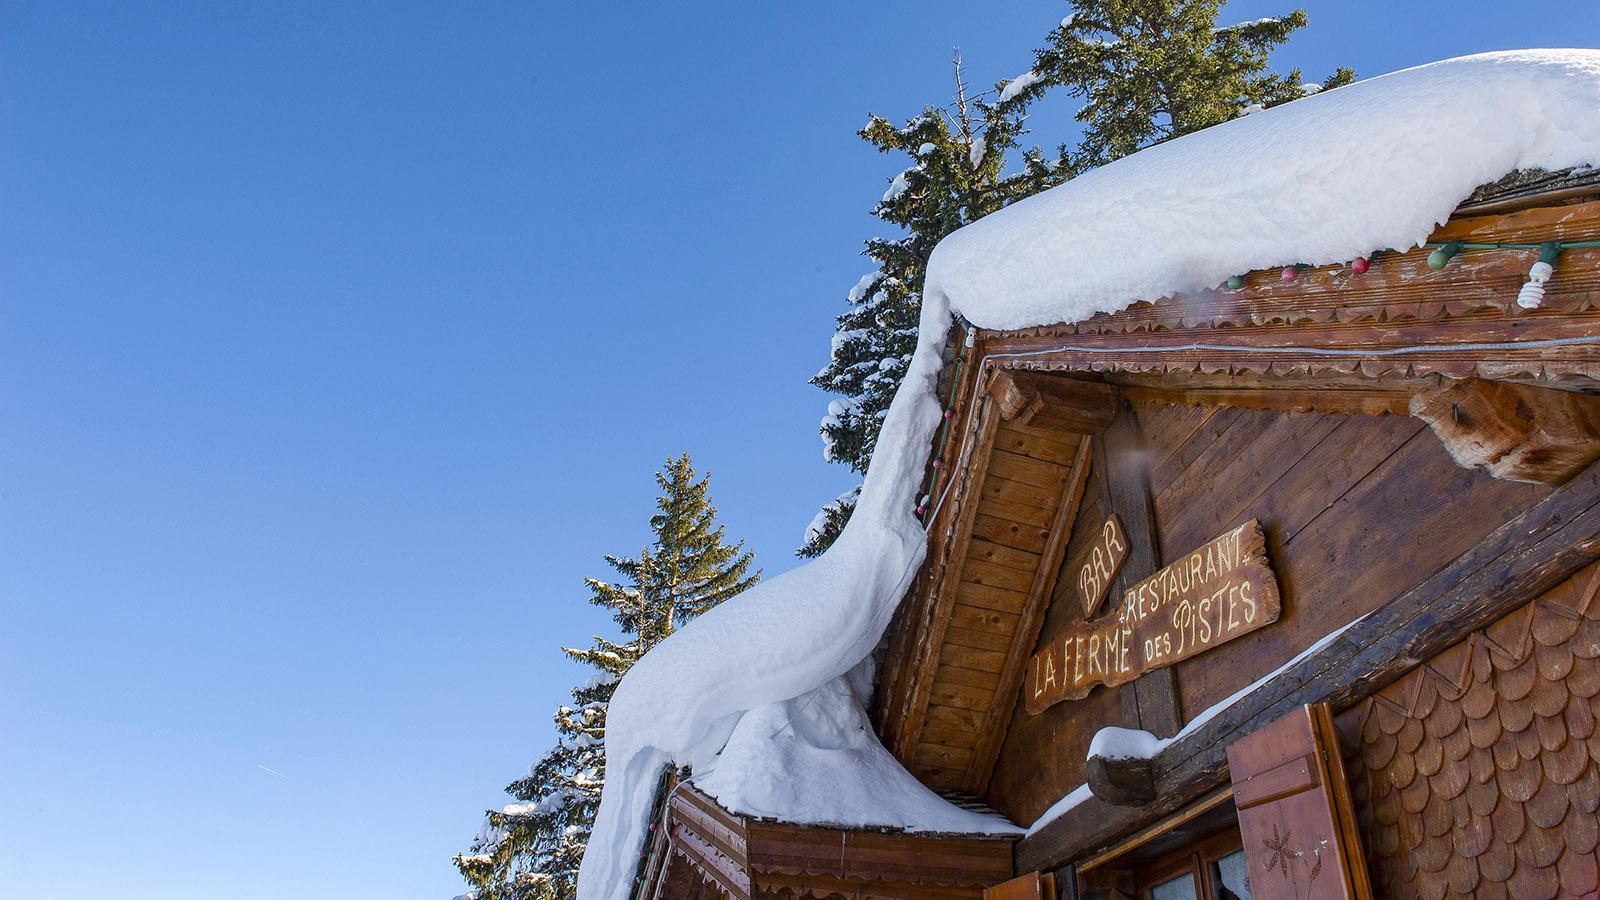 Châtel: La Ferme de la Piste - eine der urigsten Berghütten im Skigebiet! Foto: Hilke Maunder